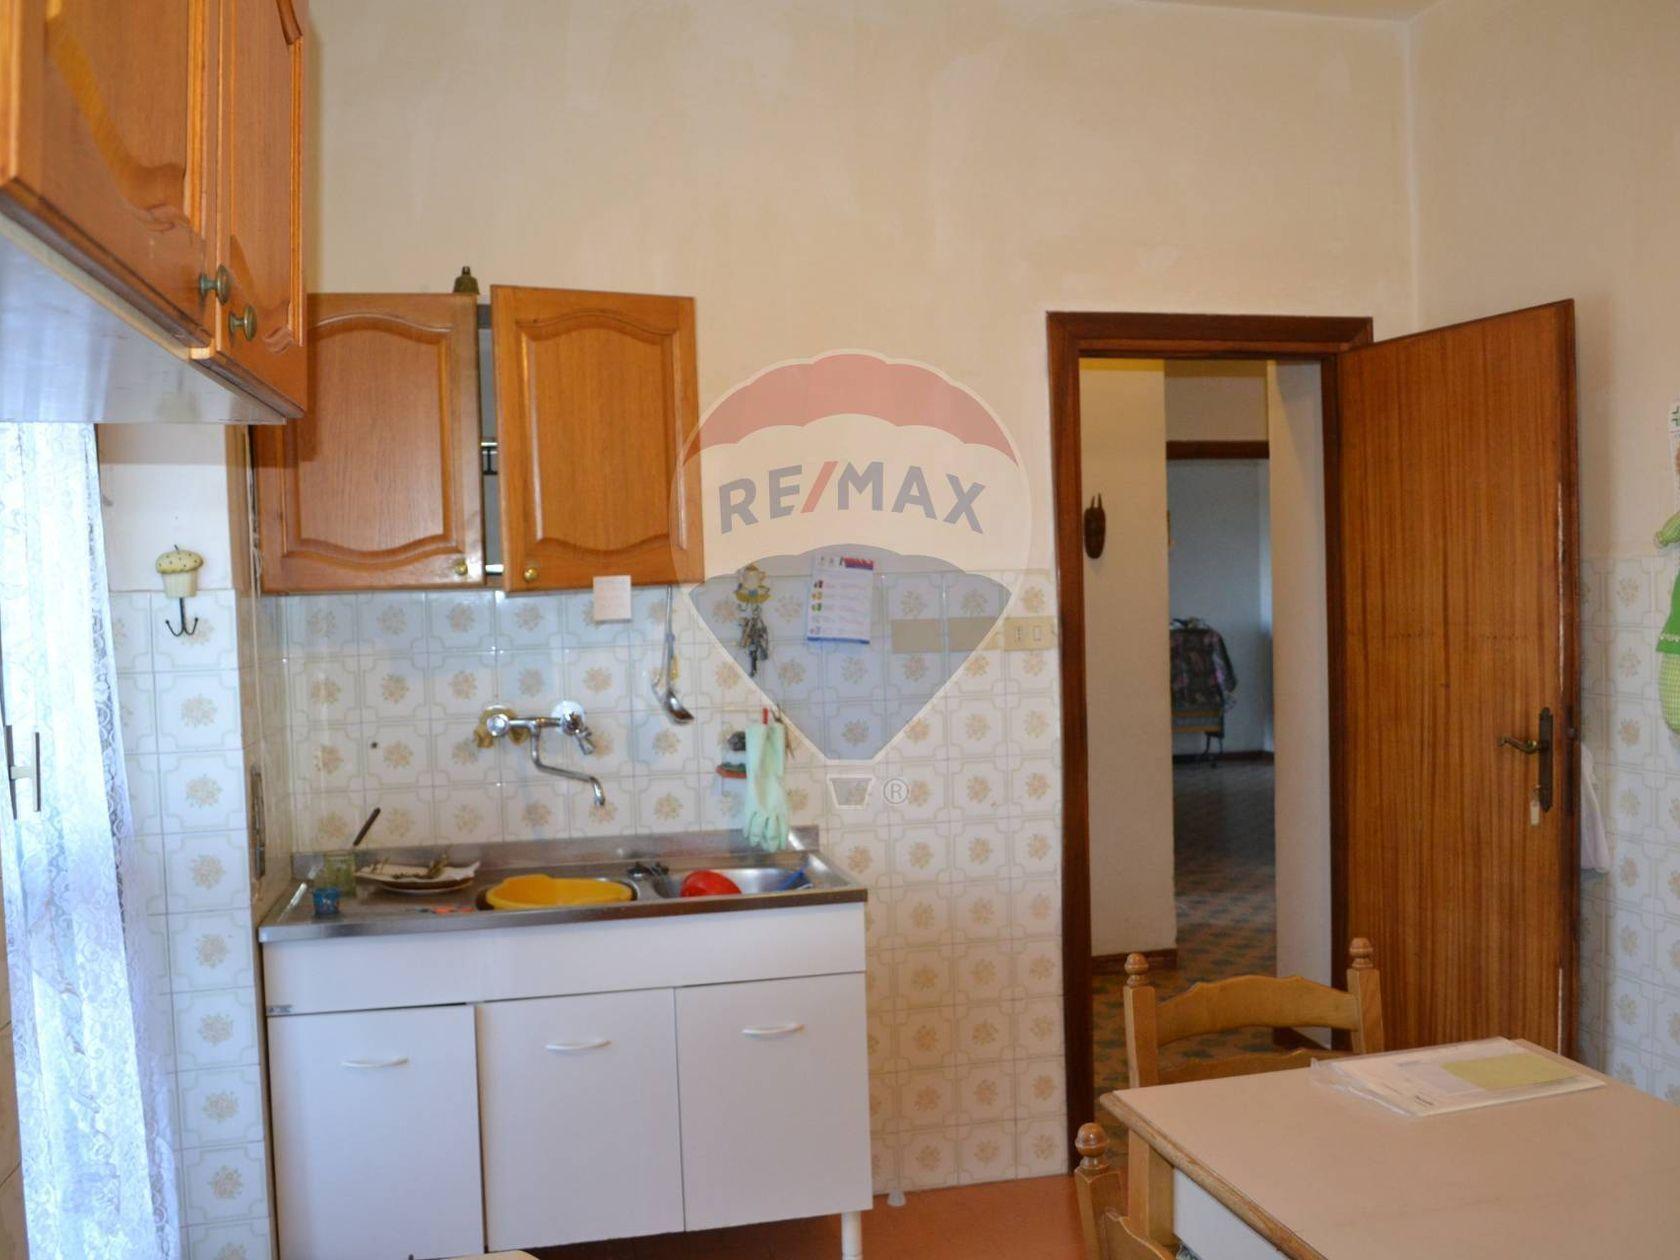 Appartamento San Polo dei Cavalieri, RM Vendita - Foto 12